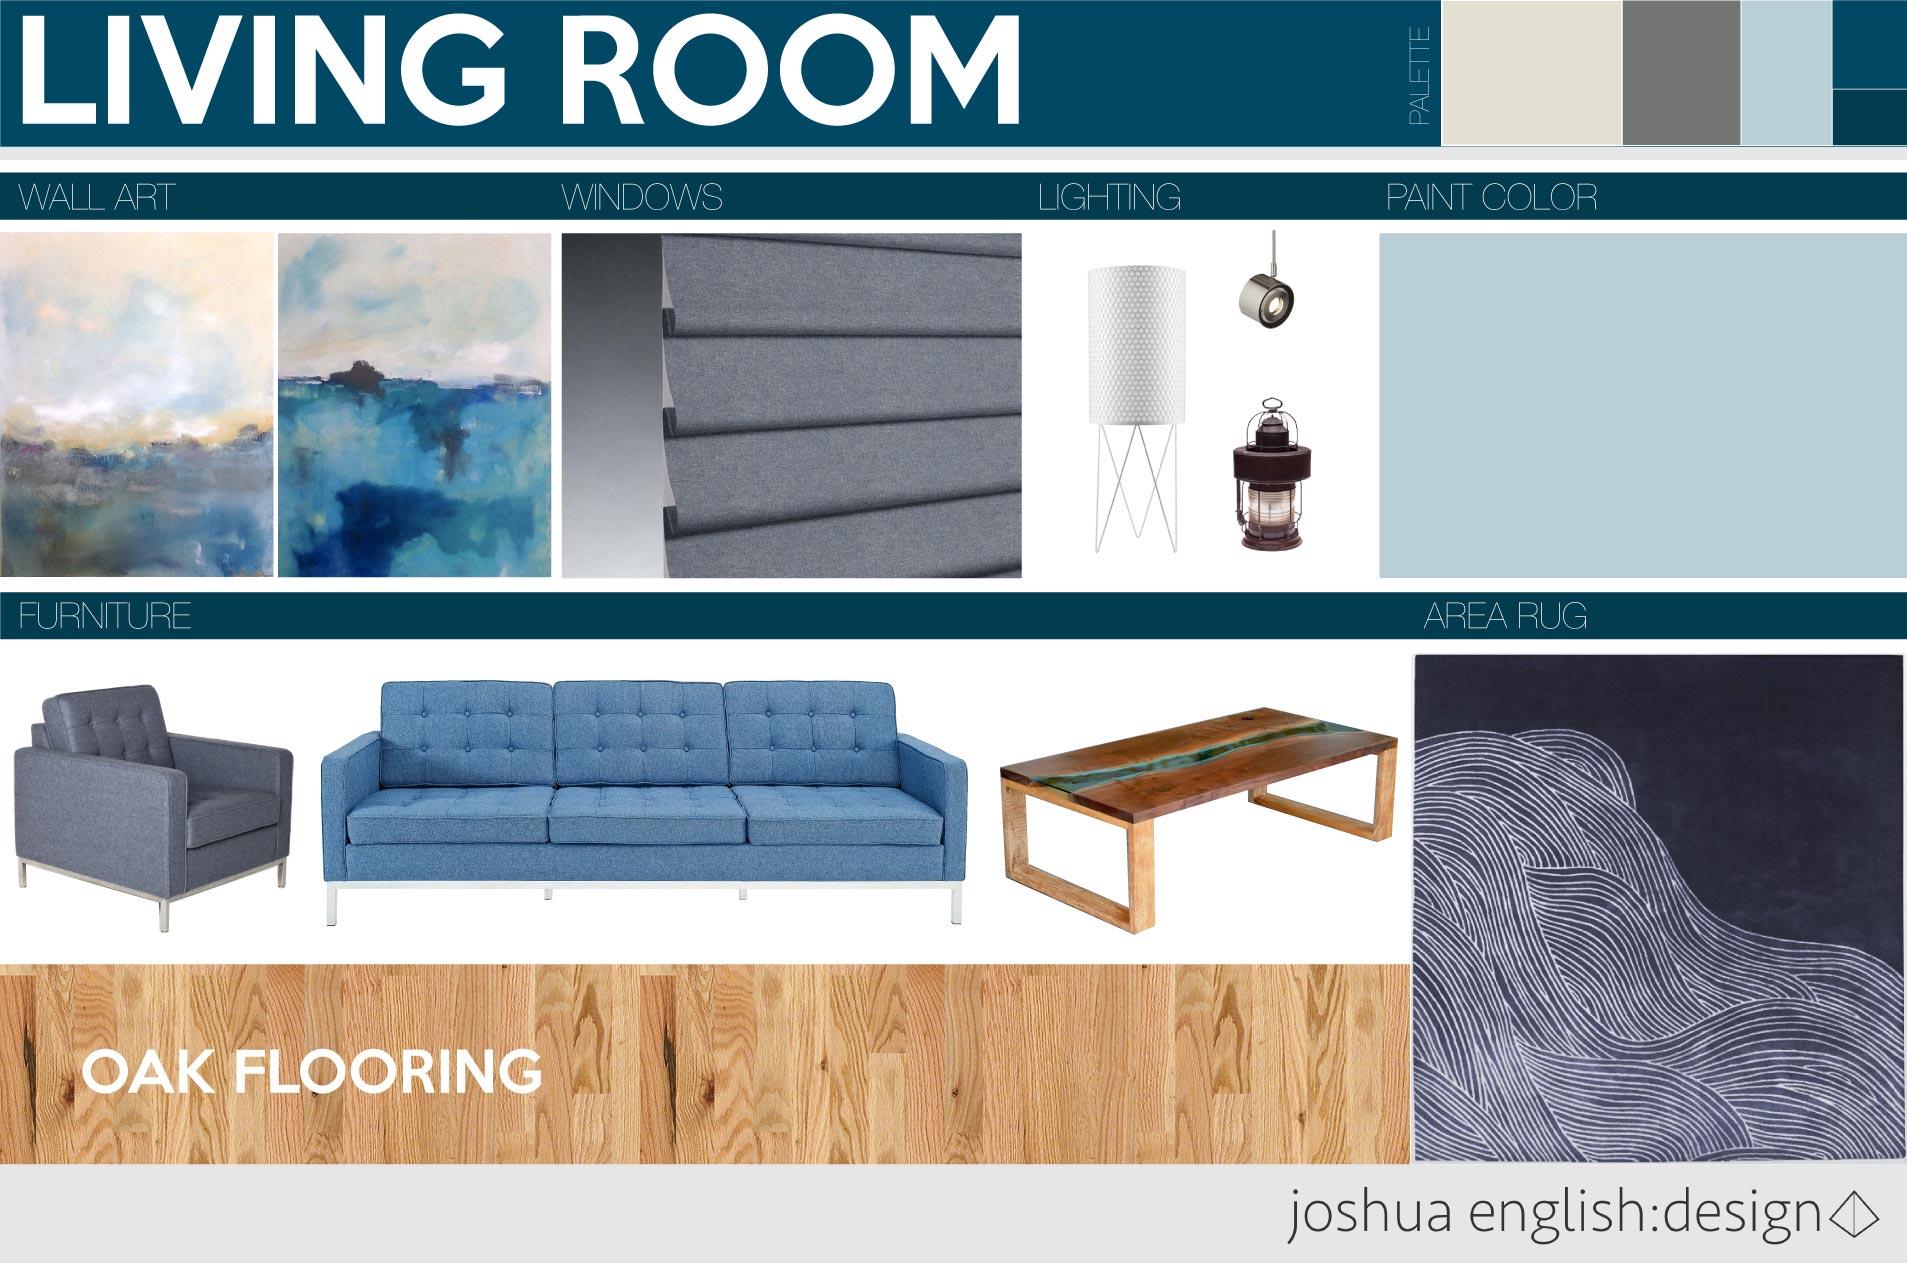 LivingRoomrev1-materials-board.jpg